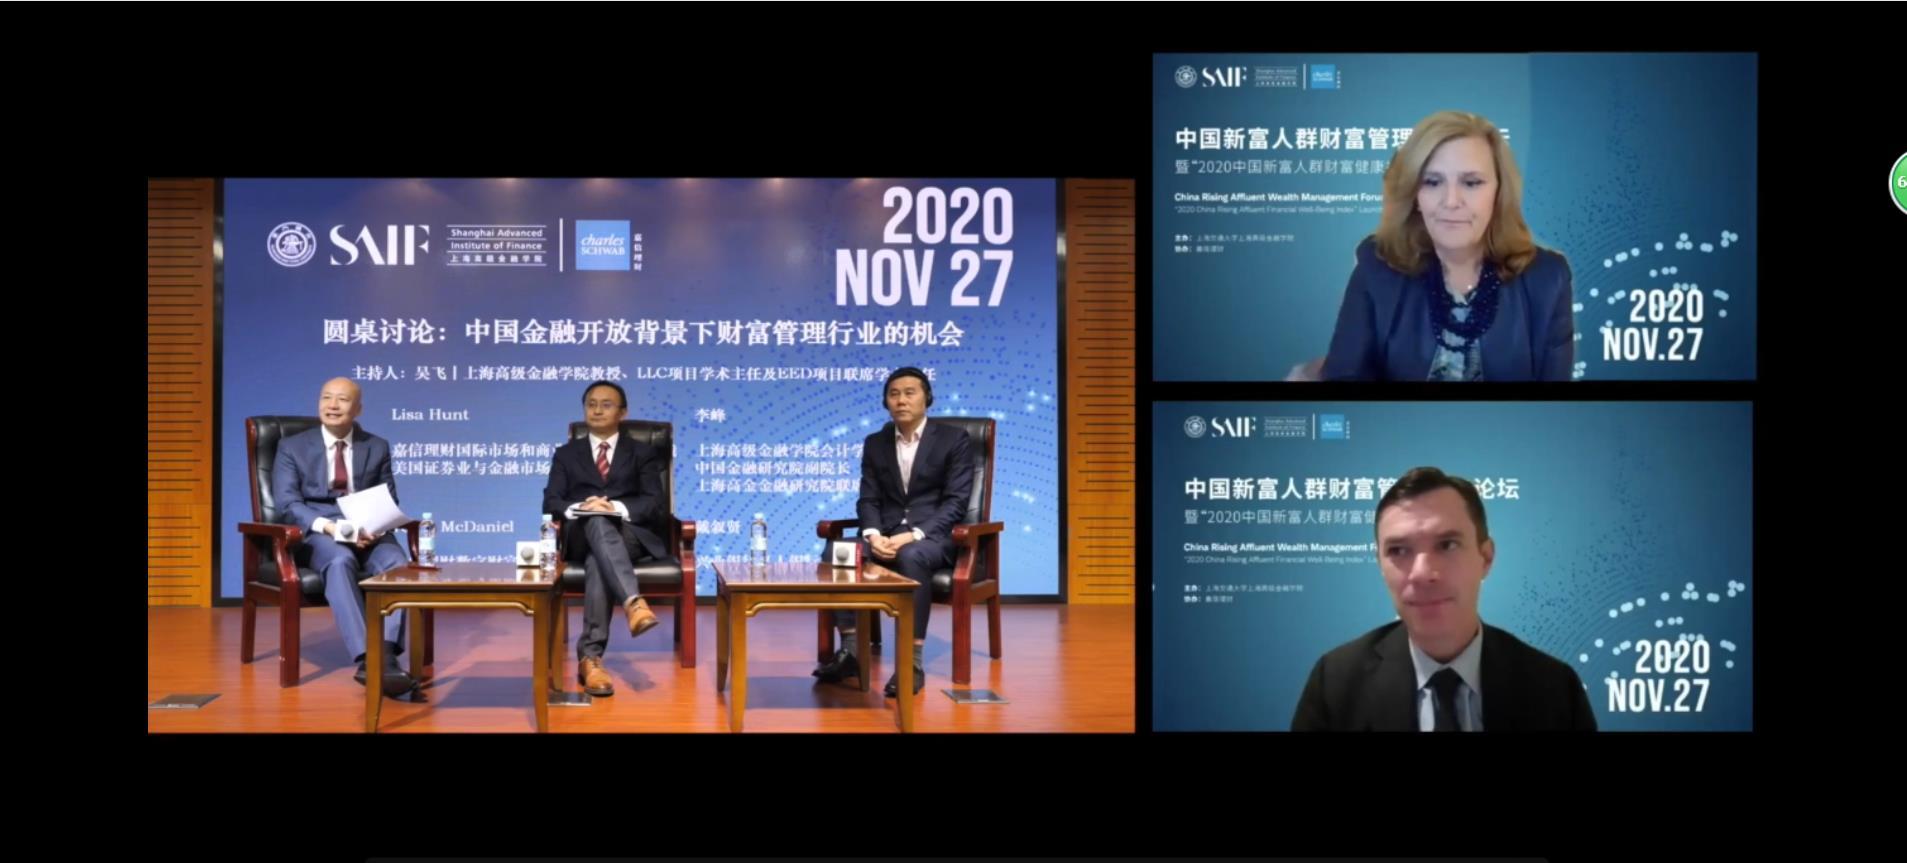 """中国新富人群财富管理高峰论坛暨""""2020年中国新富人群财富健康指数""""发布会线上截图"""